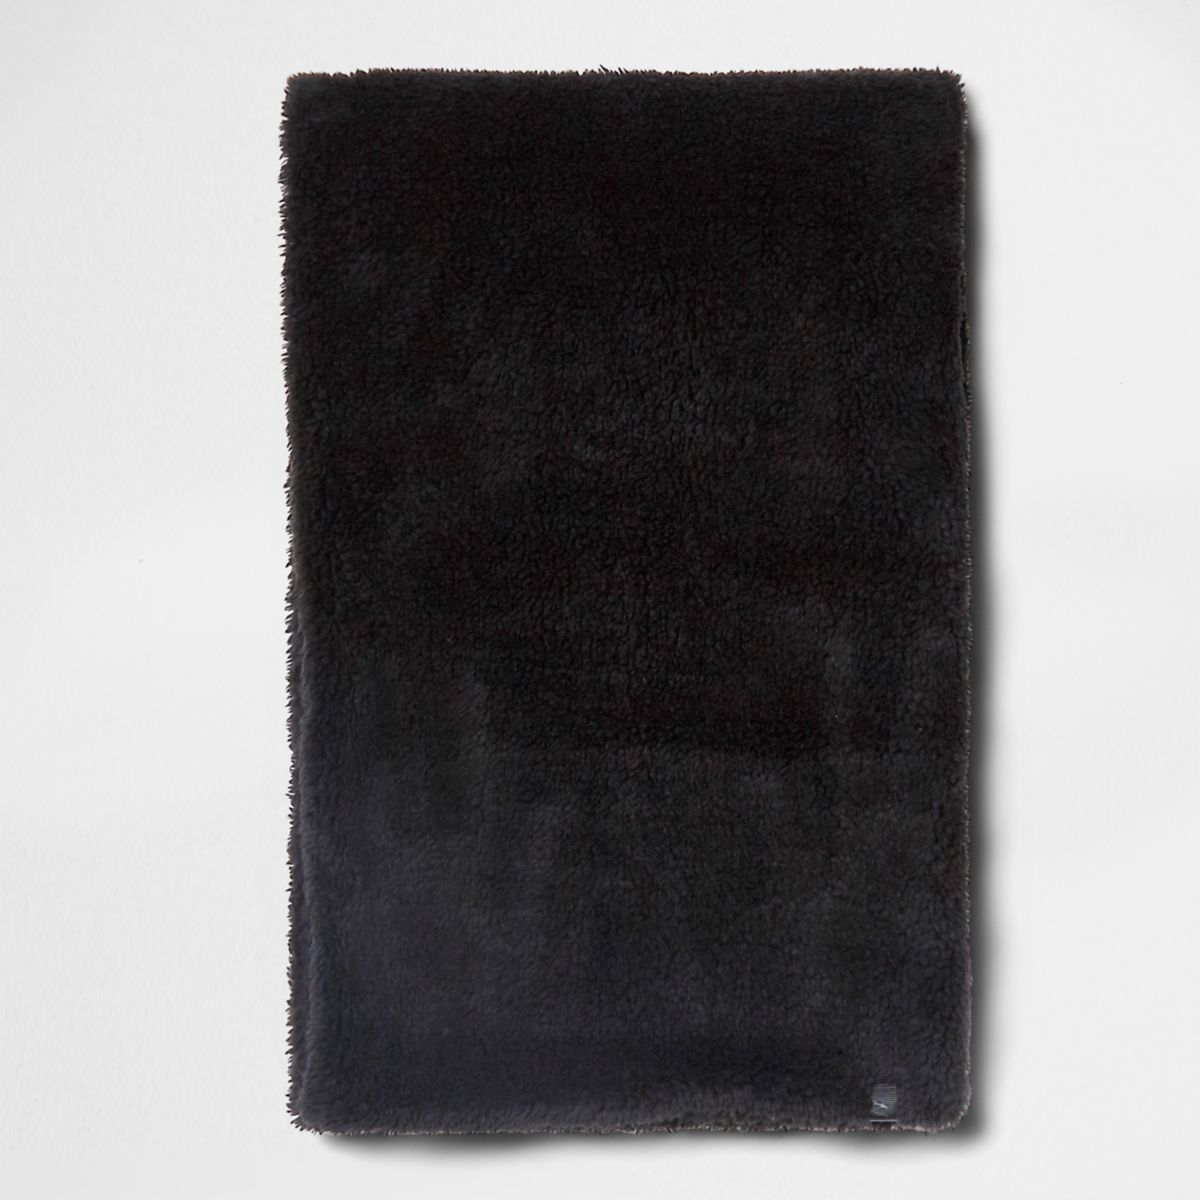 Écharpe duveteuse noire